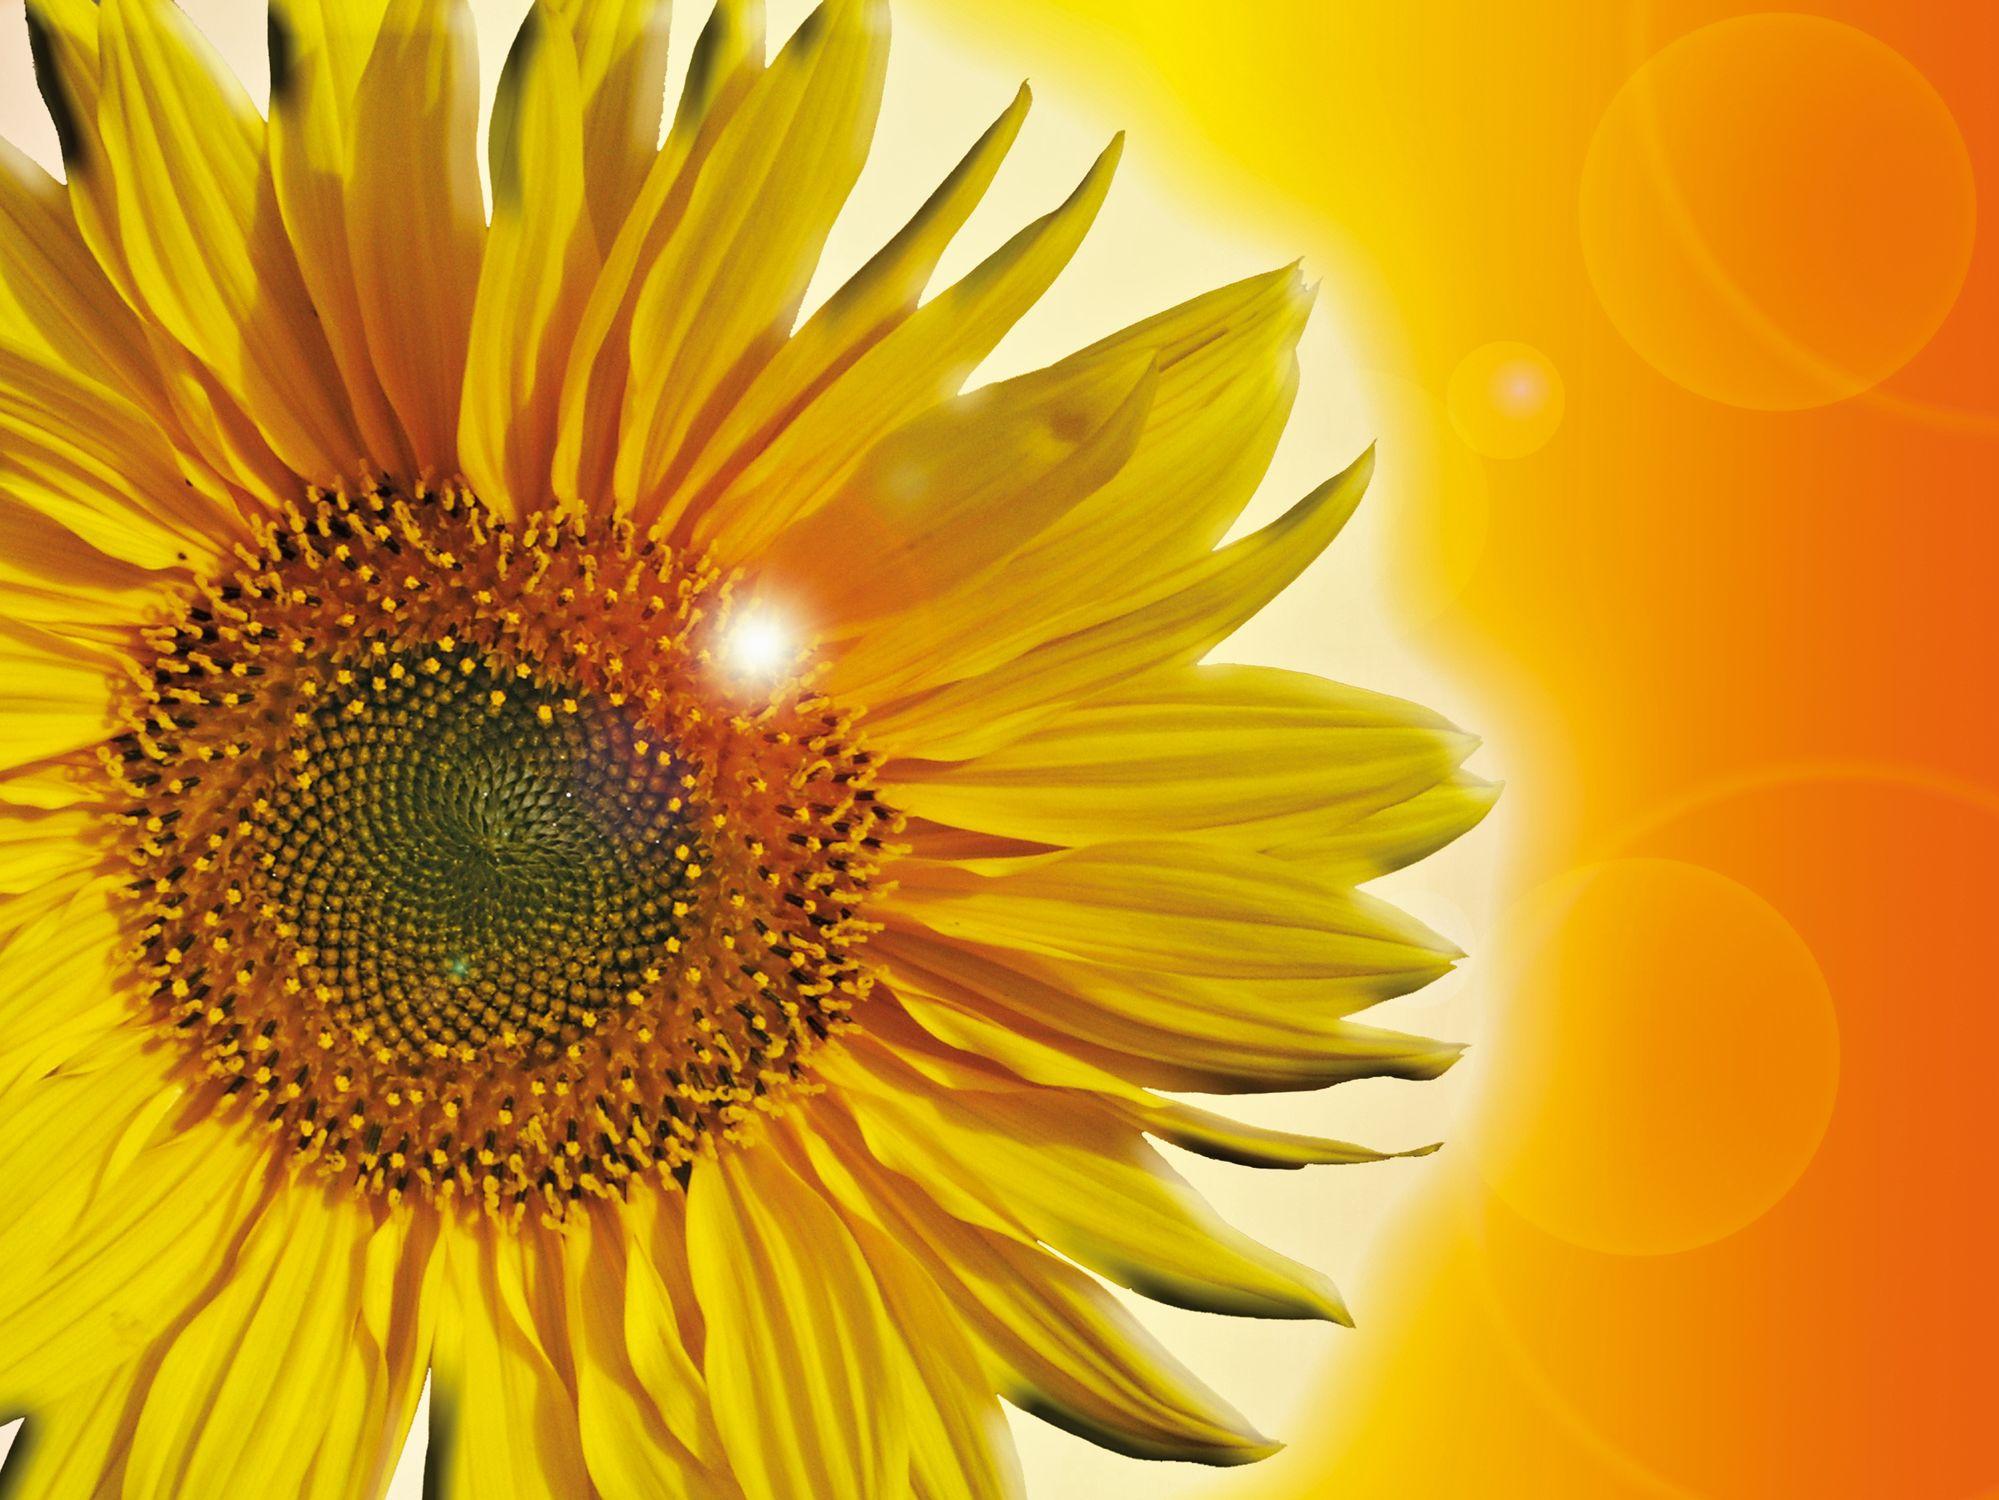 Bild mit Farben, Gelb, Natur, Pflanzen, Blumen, Korbblütler, Sonnenblumen, Blume, Flower, Flowers, Sonnenblume, Sunflower, Sunflowers, Helianthus annuus, Helianthus, Asteraceae